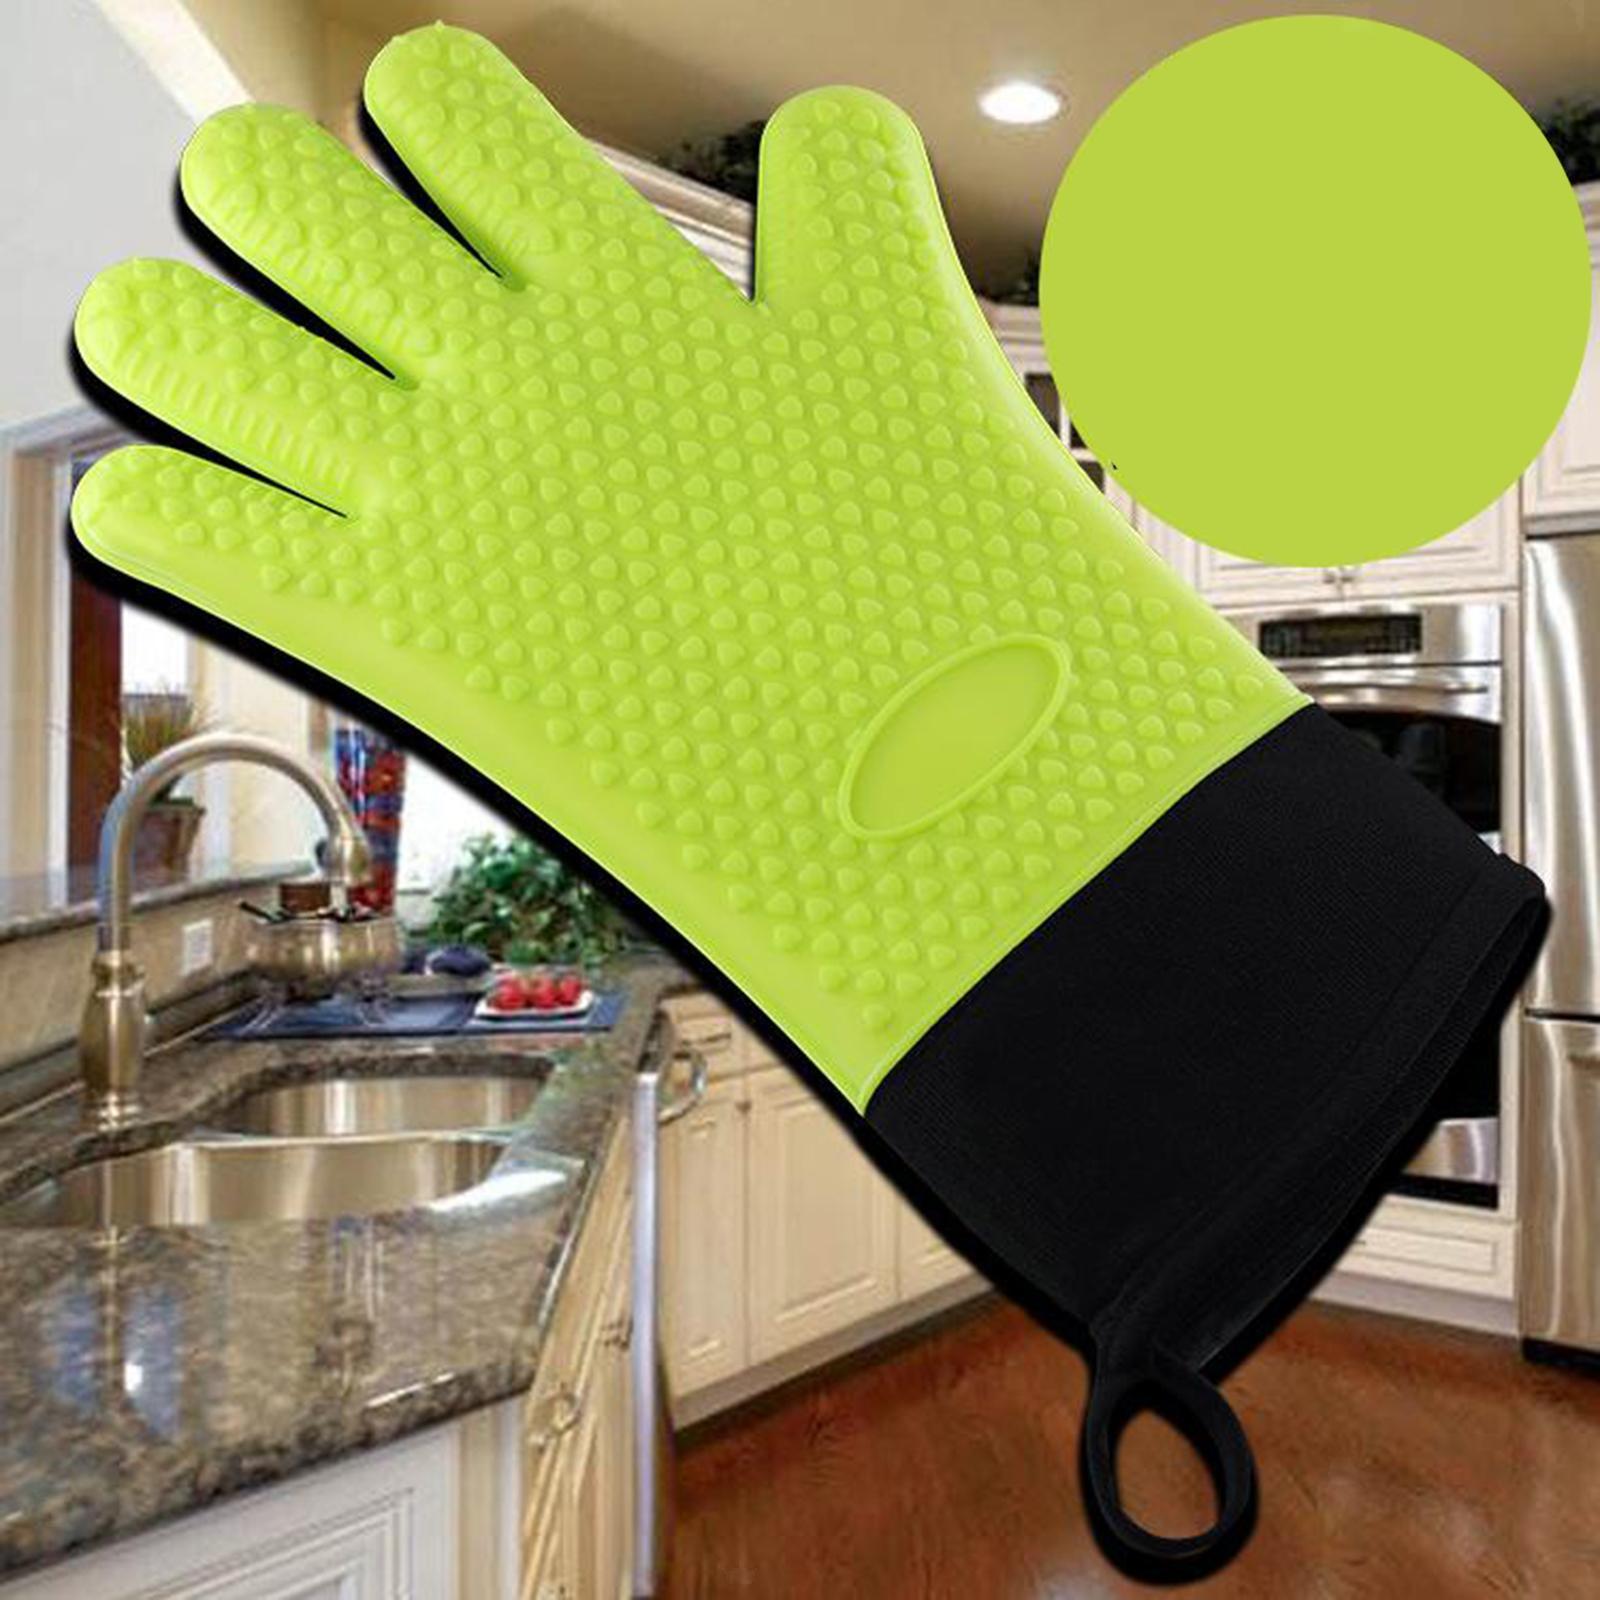 Guantes-para-horno-de-cocina-con-aislamiento-de-silicona-antideslizantes-guantes miniatura 19